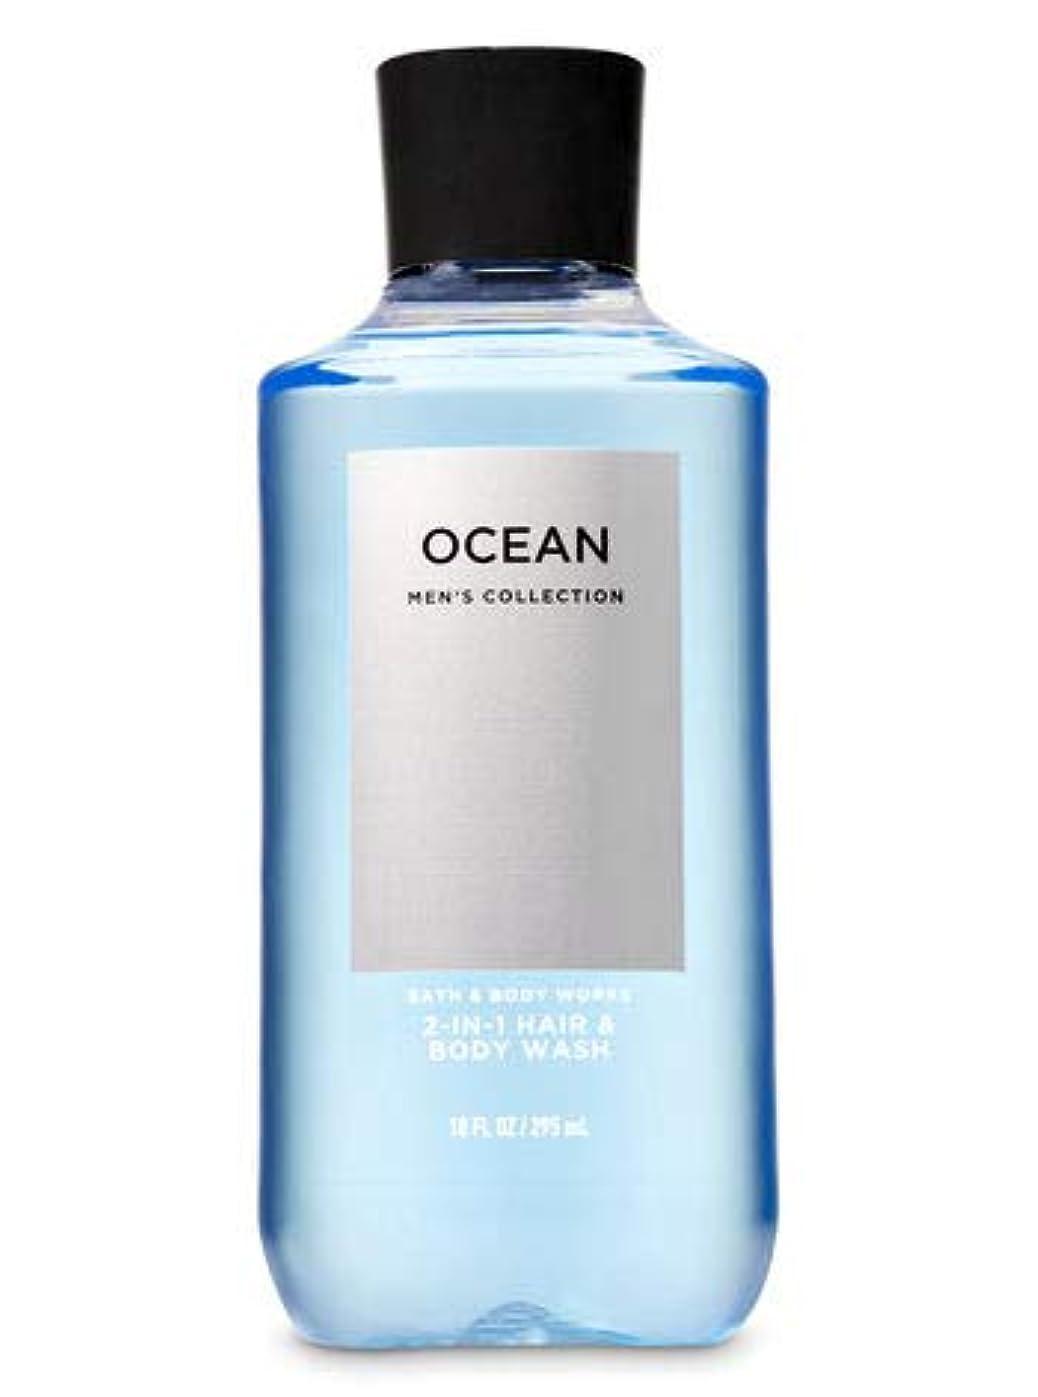 軍隊言い換えると機関【Bath&Body Works/バス&ボディワークス】 ヘアー & ボディウォッシュ シャワージェル オーシャン 2-in-1 Hair + Body Wash Ocean 10 fl oz / 295 mL [並行輸入品]